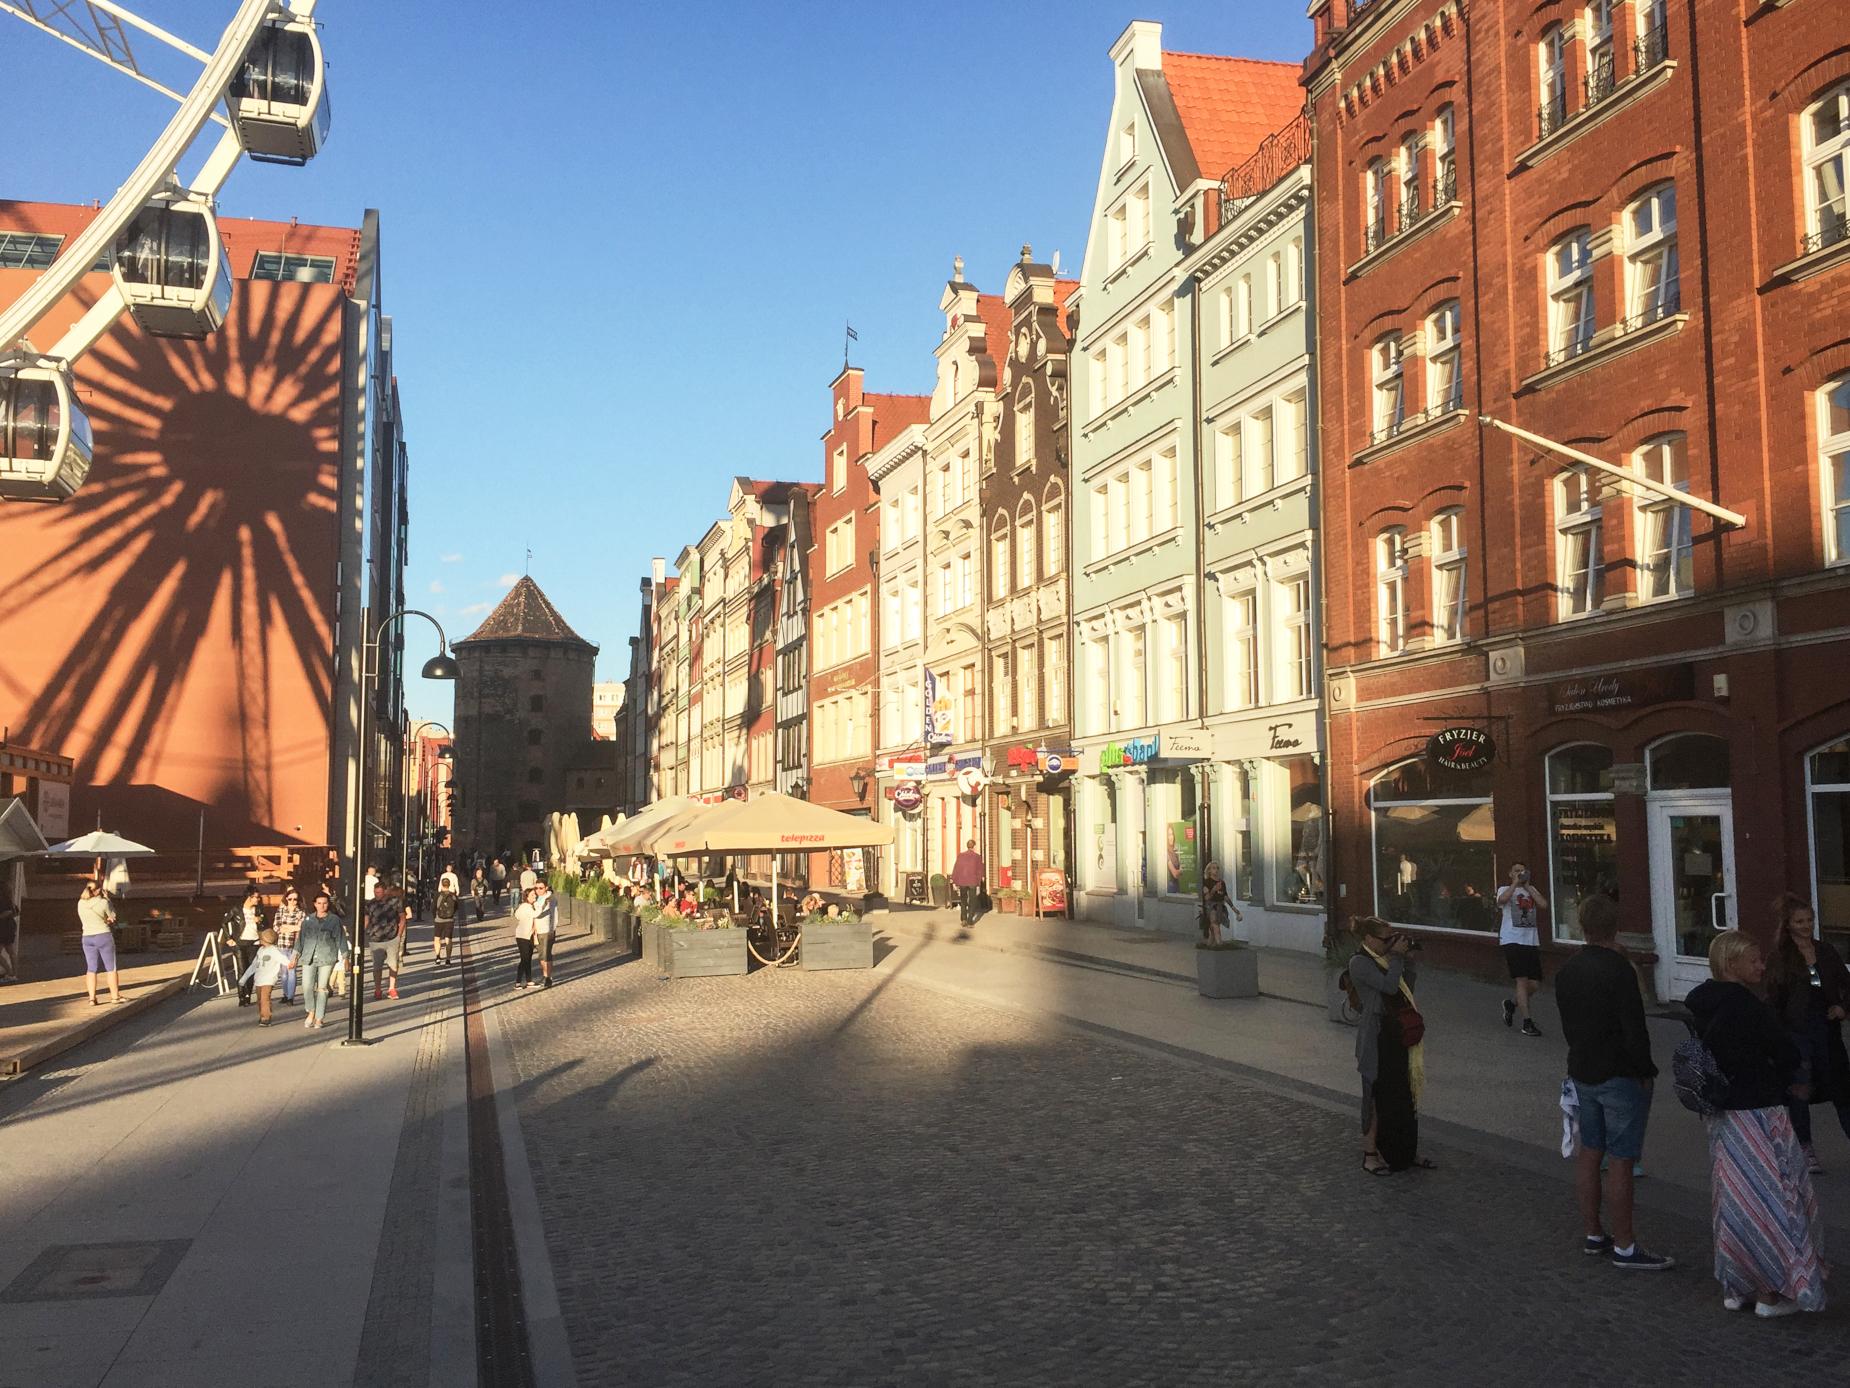 Gdyńska Szkoła Filmowa i ulica Stągiewna w Gdańsku. Kto zdobędzie tytuł na najlepszą przestrzeń publiczną na Pomorzu?